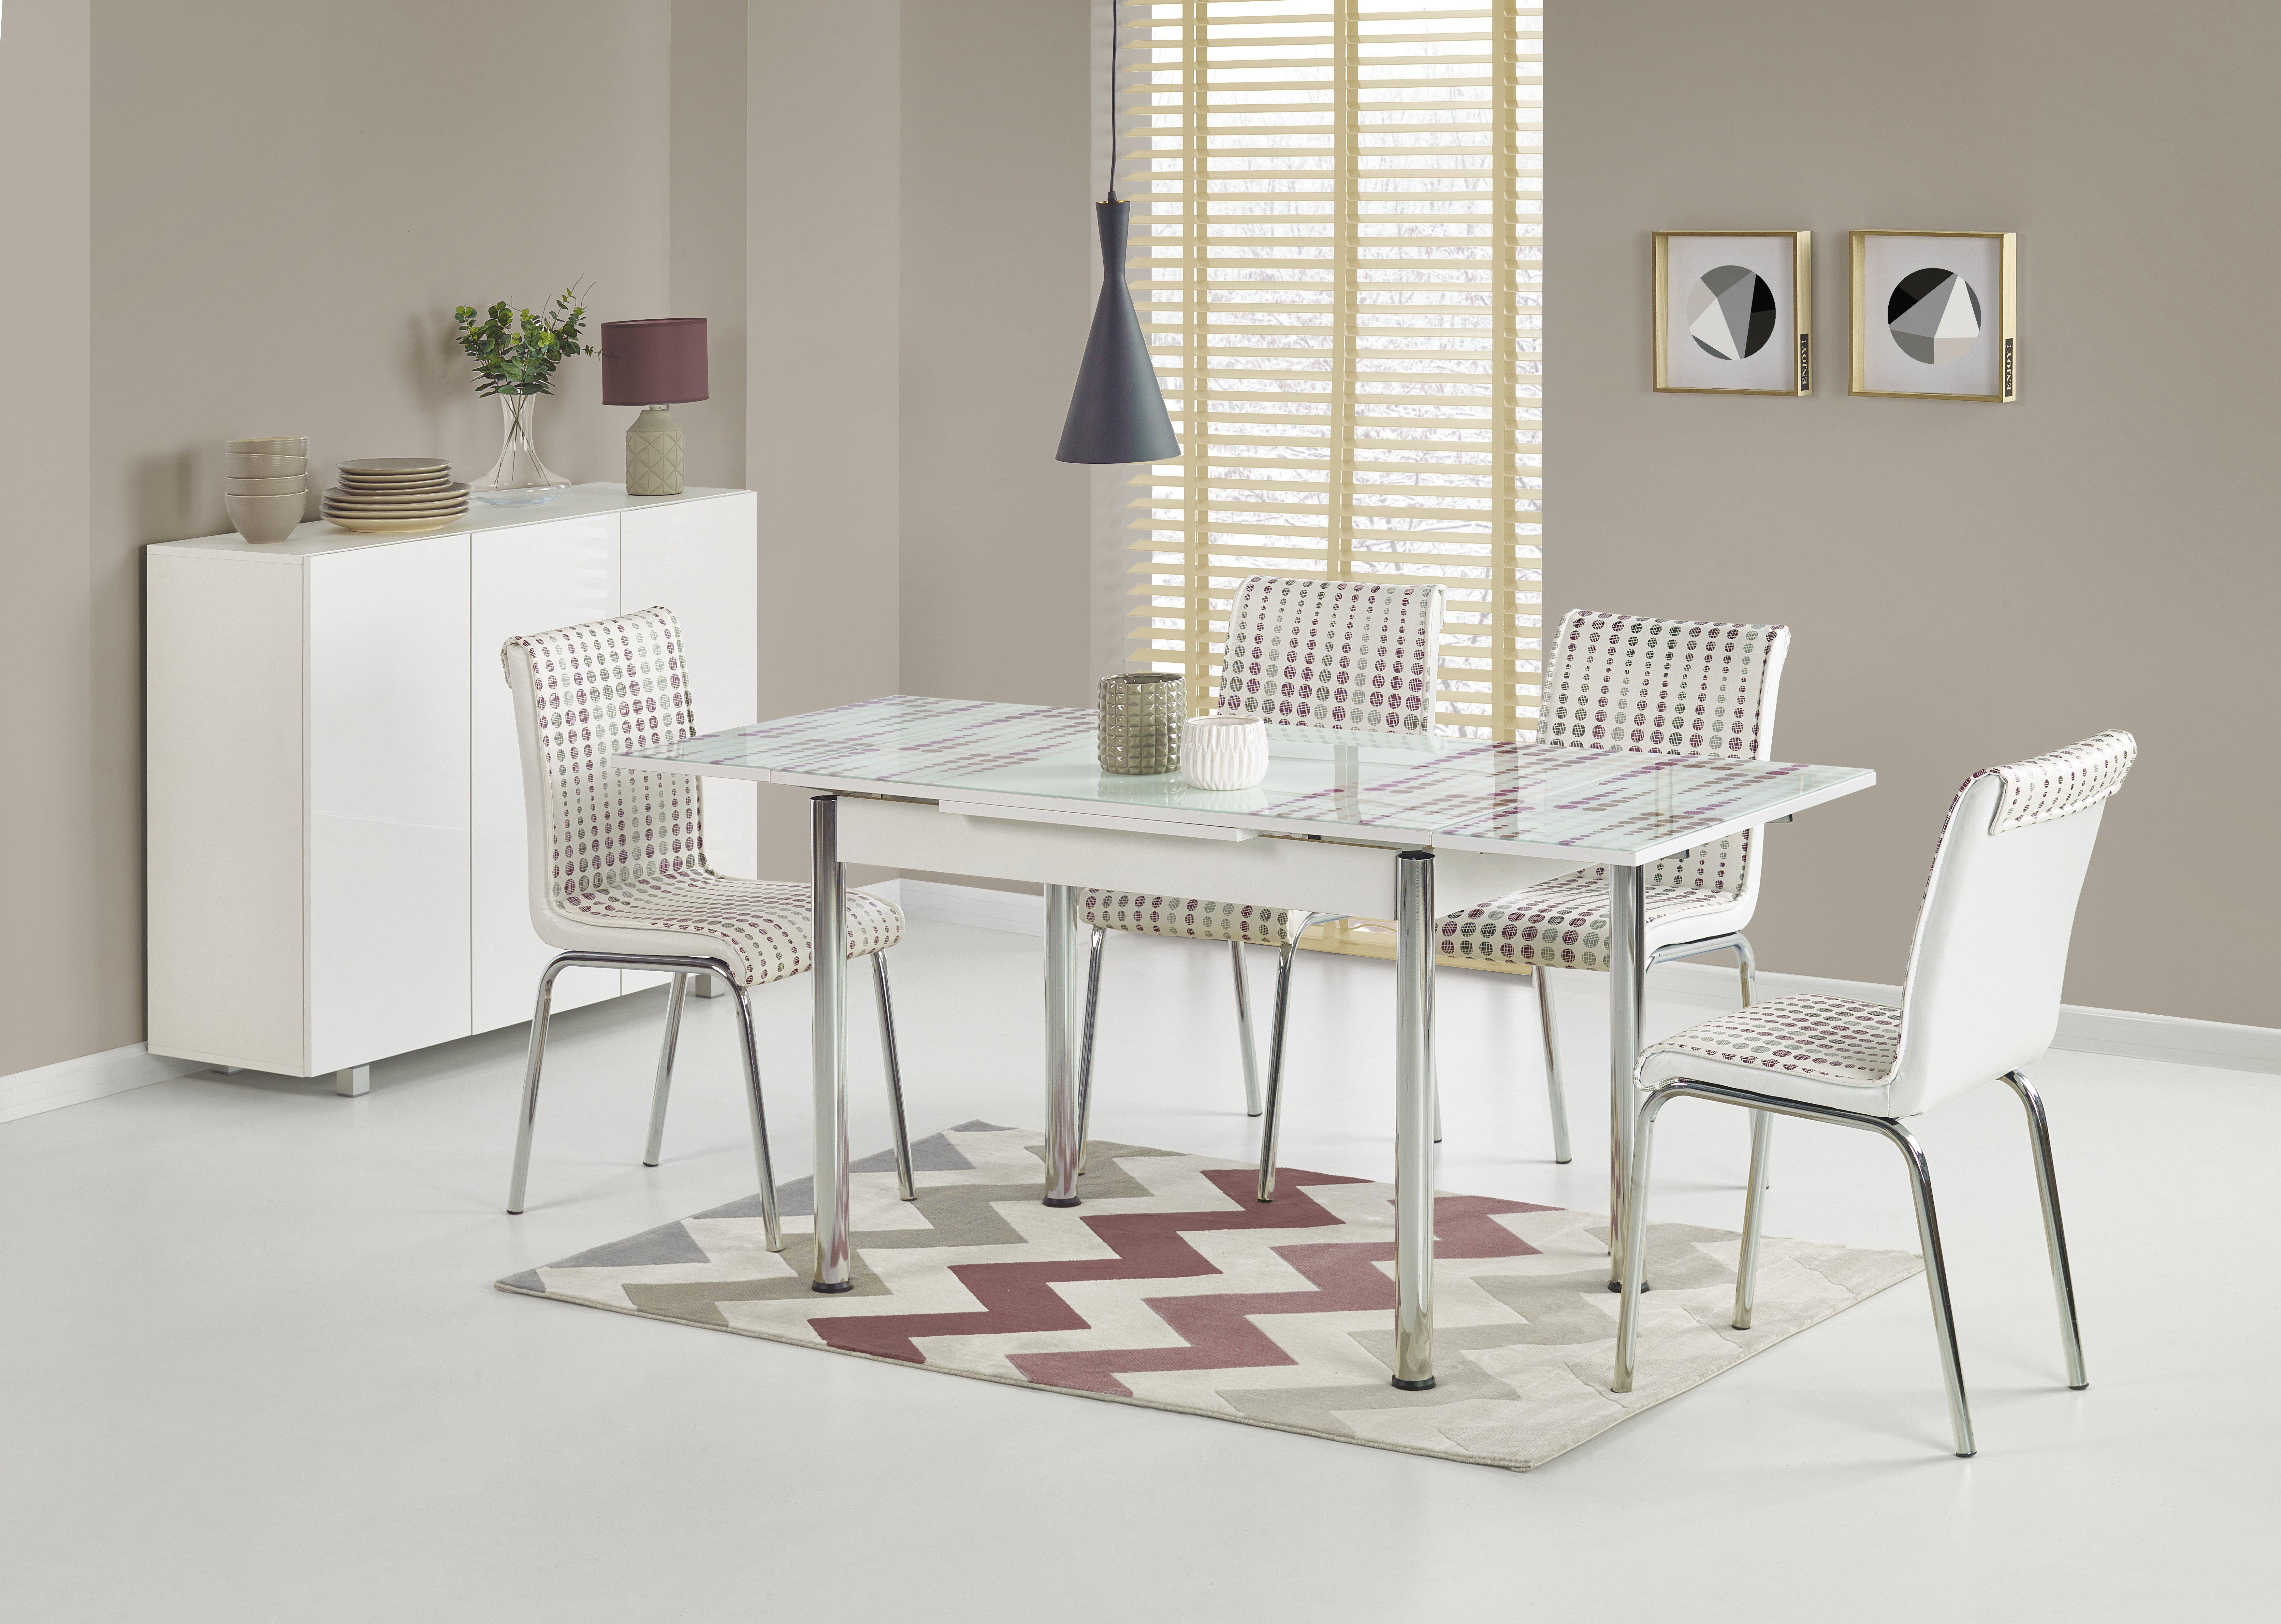 STANBUL 2 stôl rozkladací viacfarebný